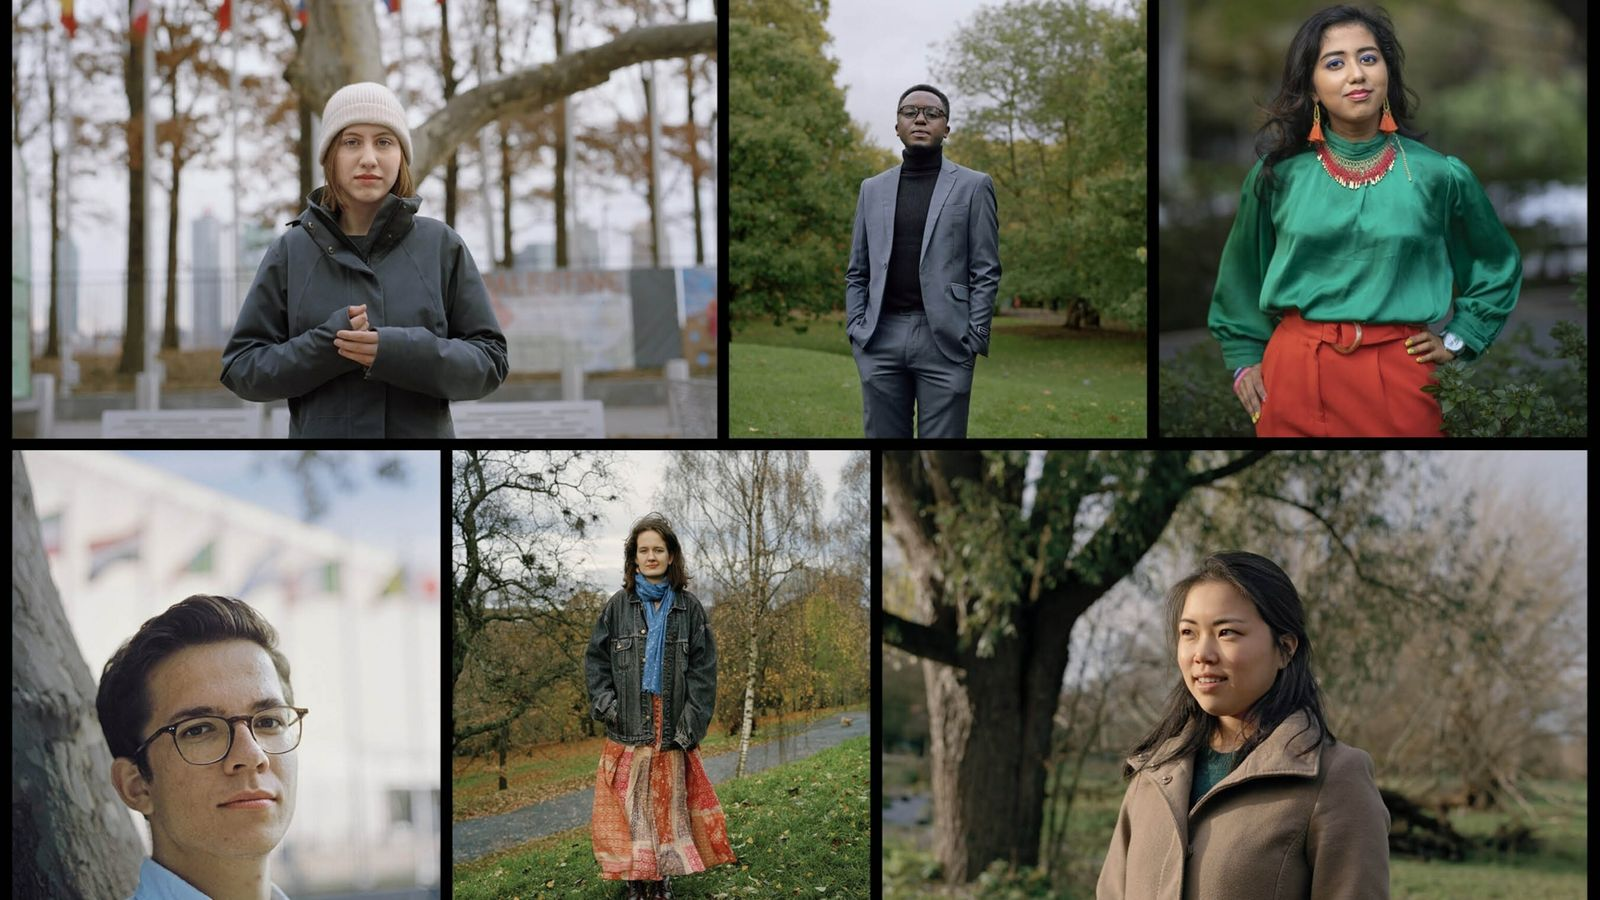 jovens ativistas climáticos